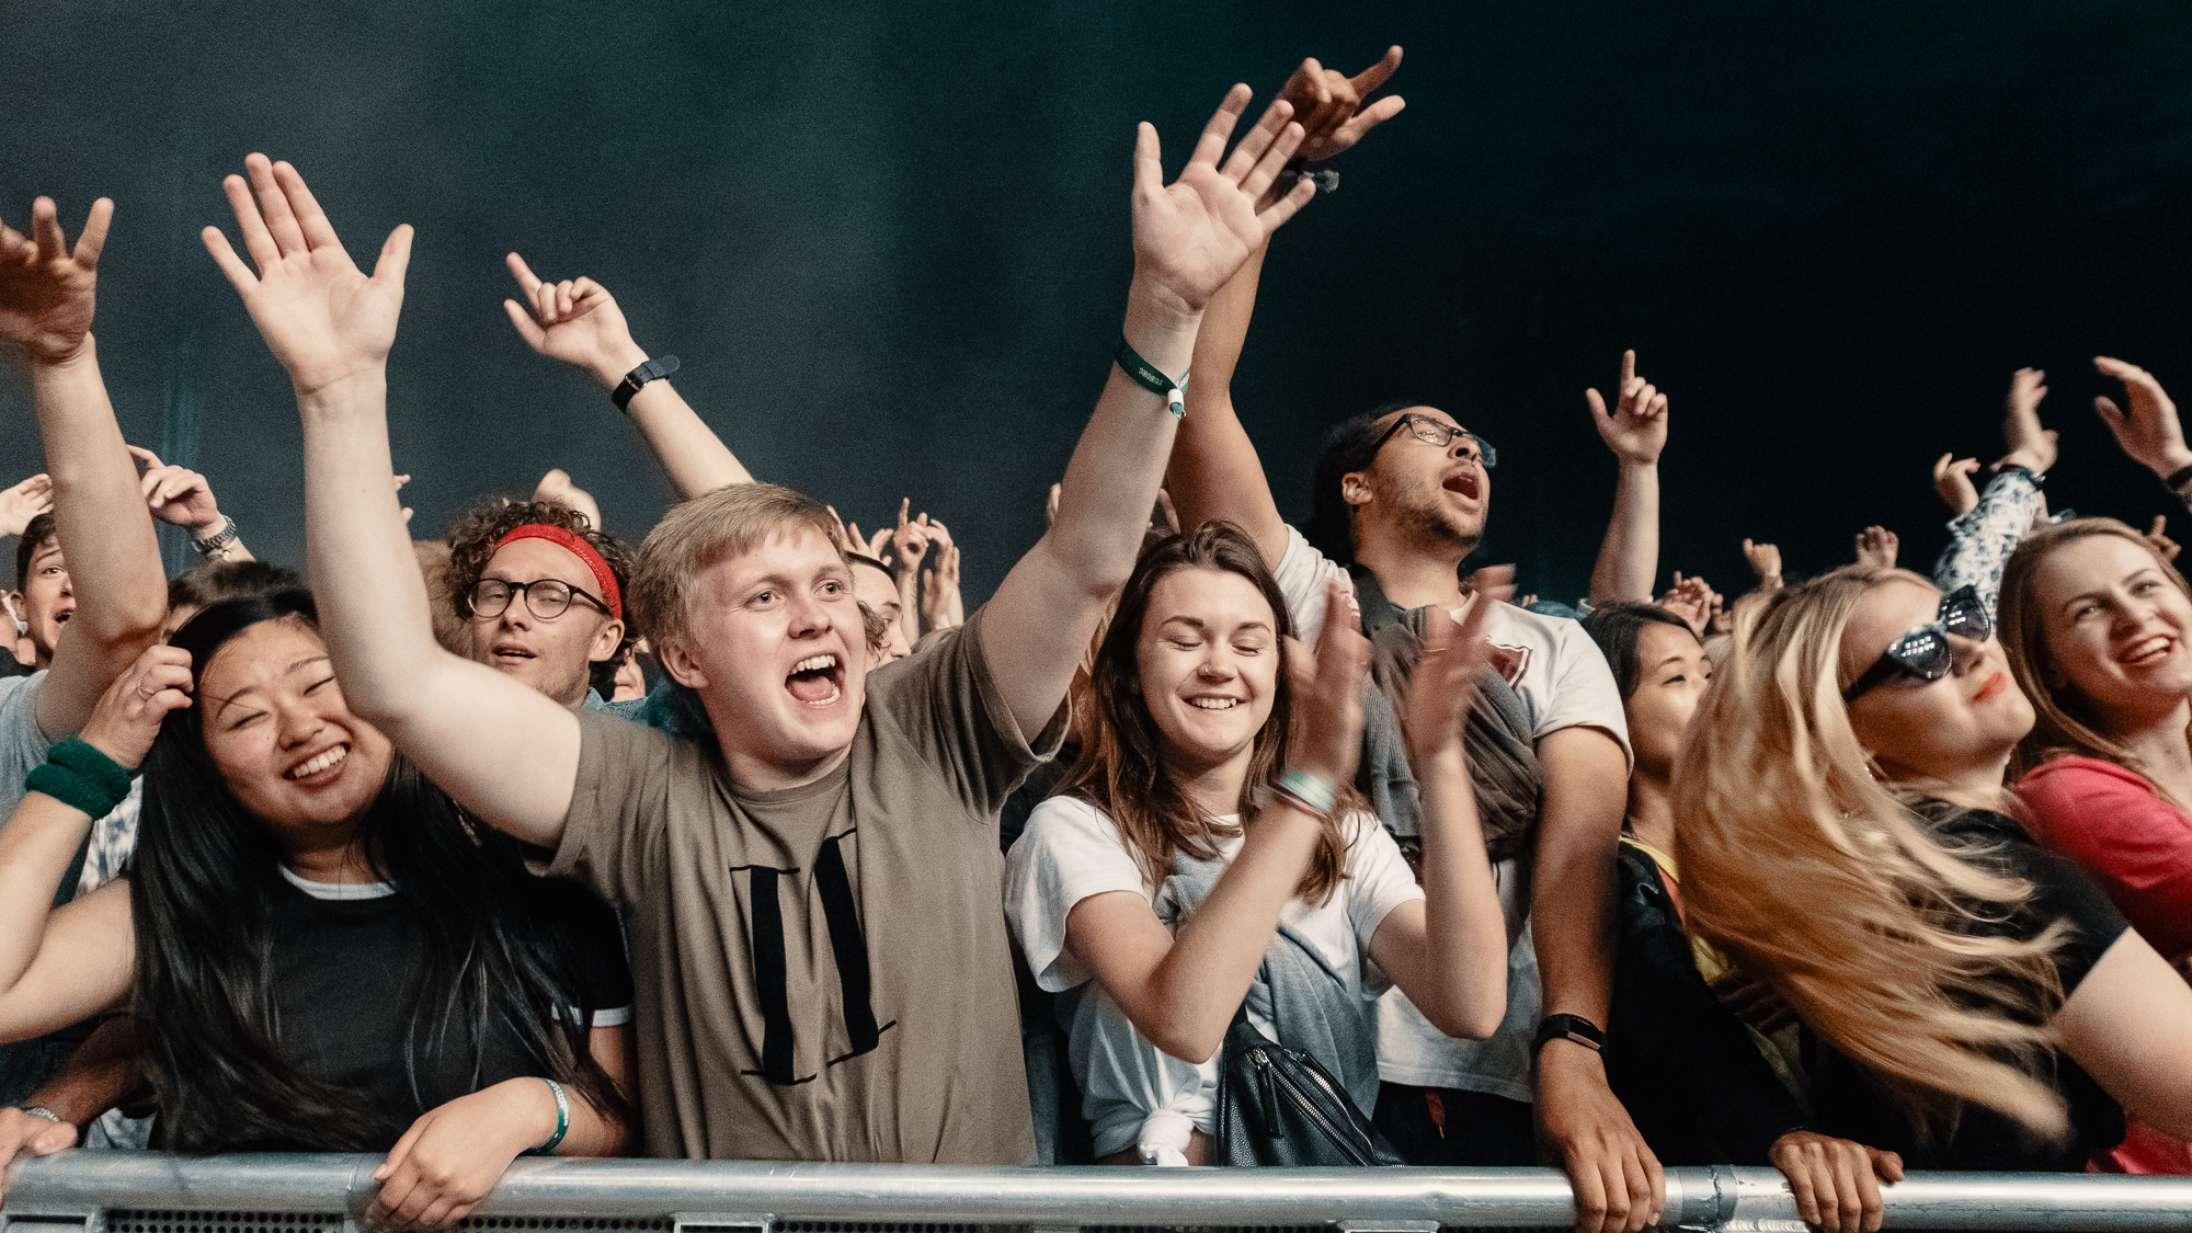 I Australien har de et opfindsomt bud på, hvordan man holder coronavenlig festival